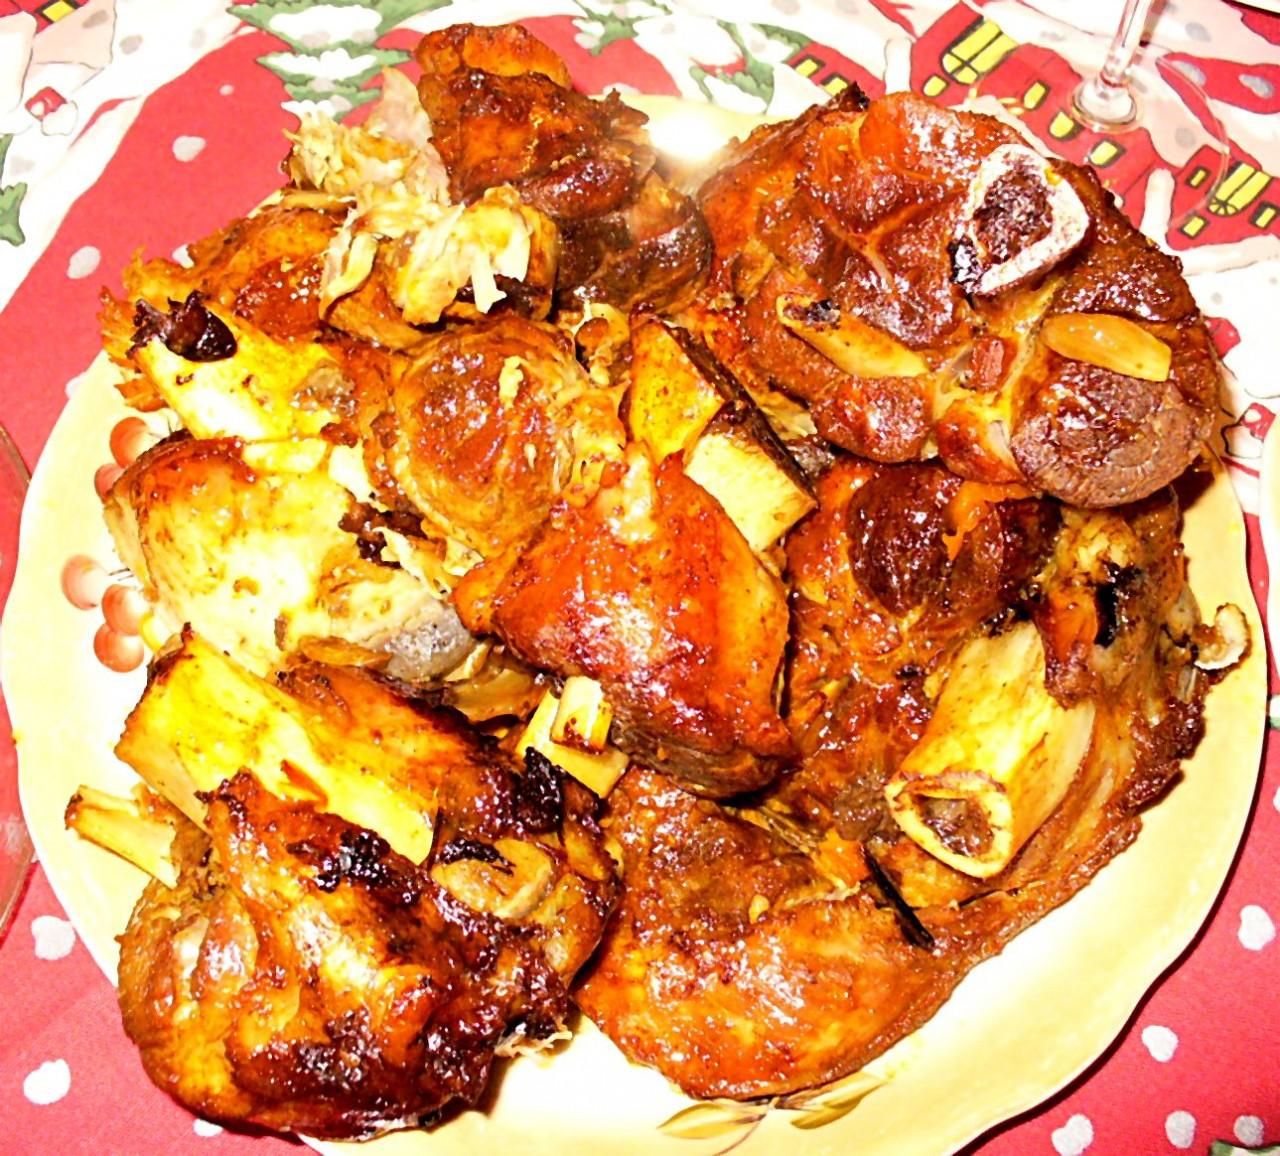 Мясо, зажаренное в духовке с луком, чесноком, морковью  и специями. Фото-рецепт.